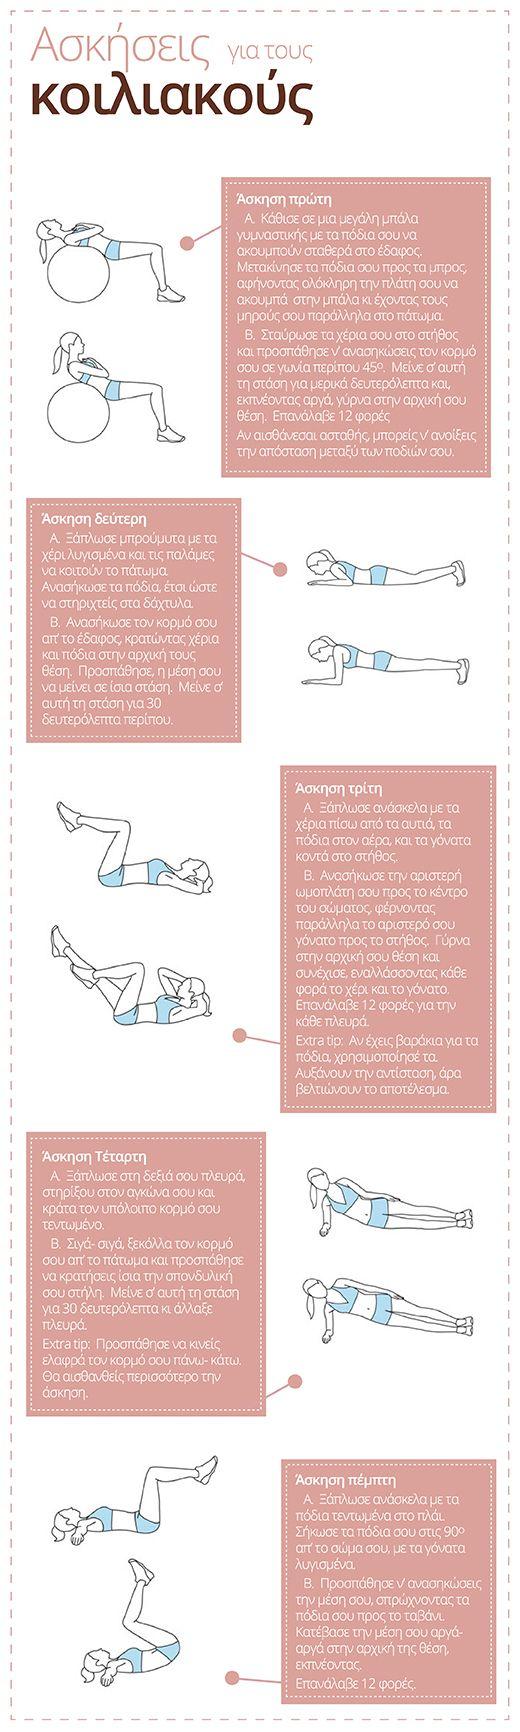 Ασκήσεις Για Κοιλιακούς / Abdominal Exercise Routine